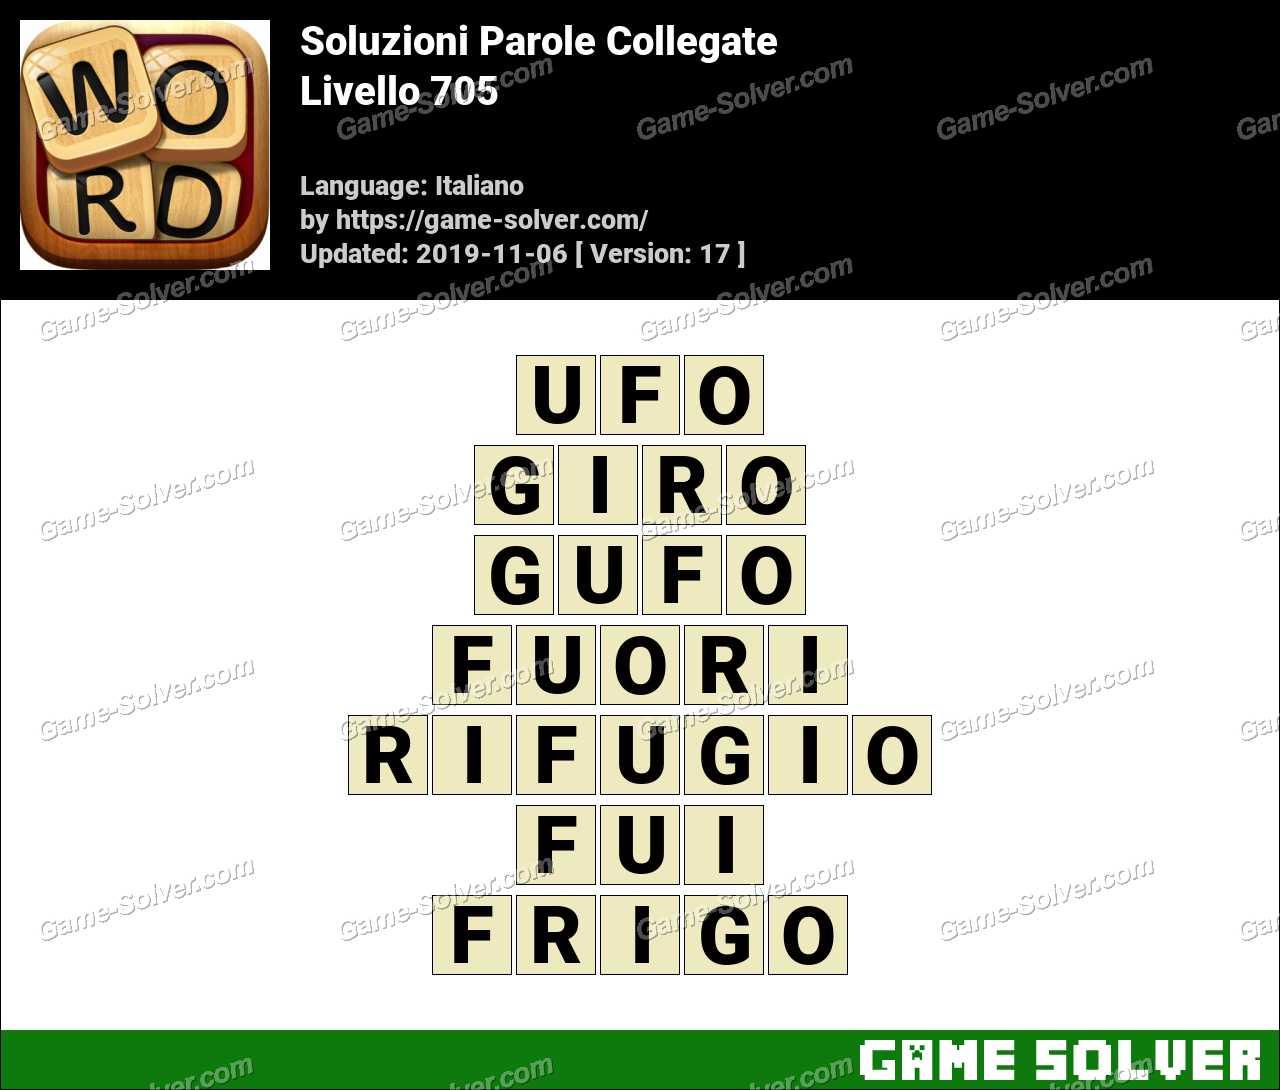 Soluzioni Parole Collegate Livello 705